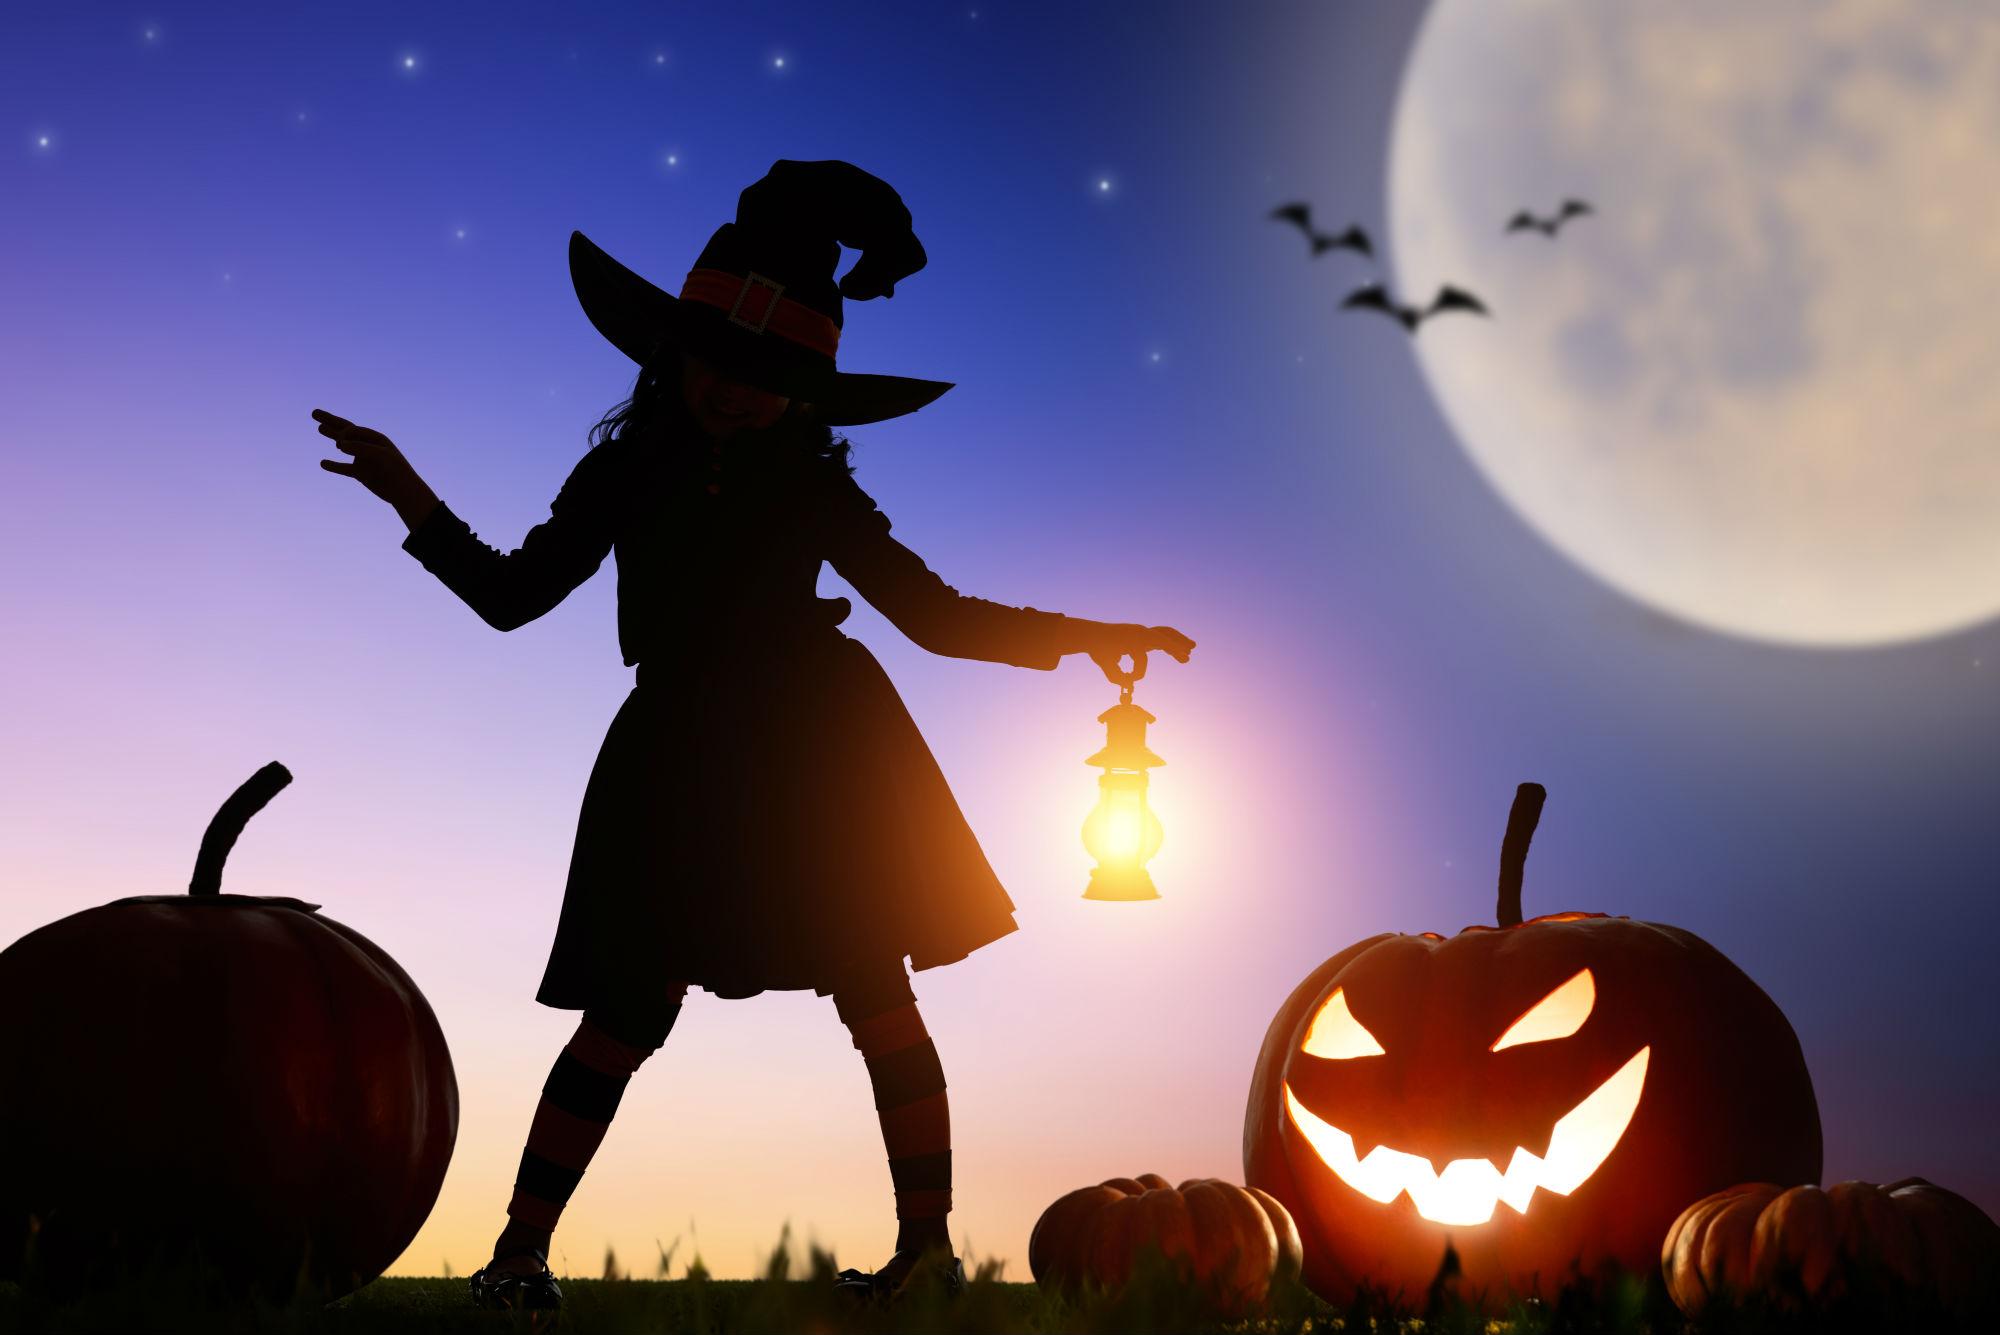 Magliette personalizzate per travestimento Halloween 2018: 5 idee … da brivido!